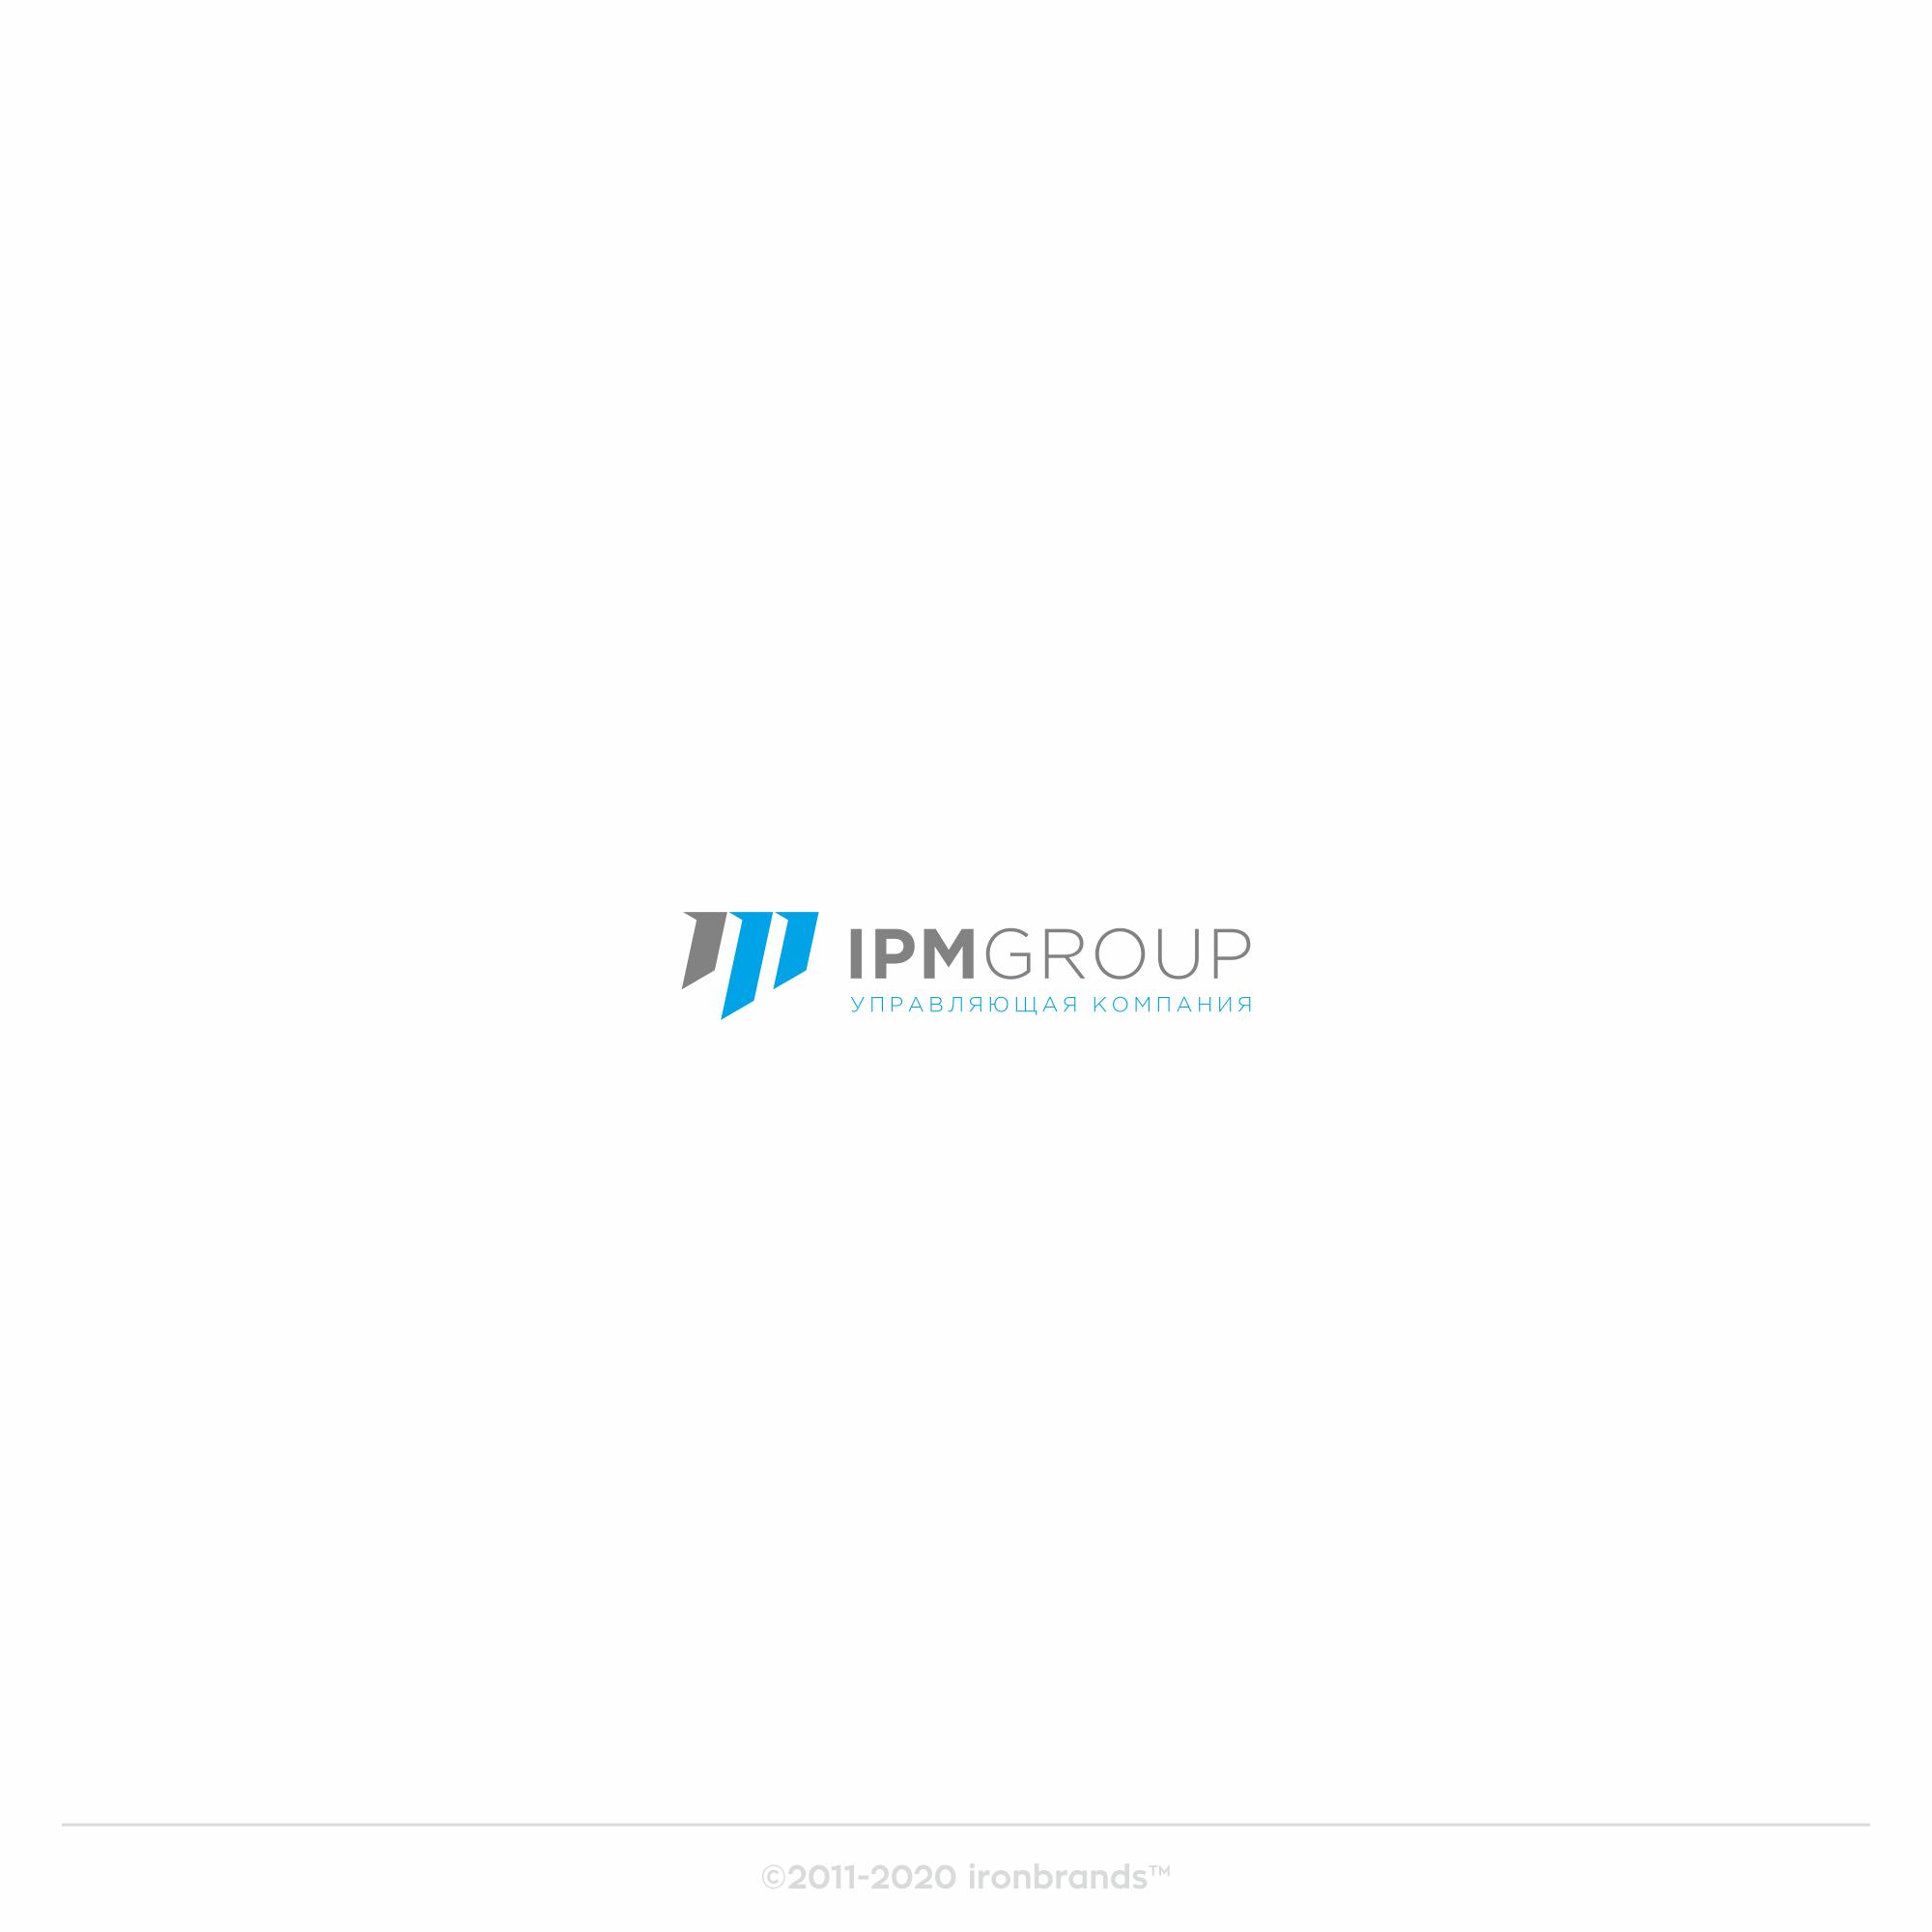 Разработка логотипа для управляющей компании фото f_2265f834b570a05e.jpg